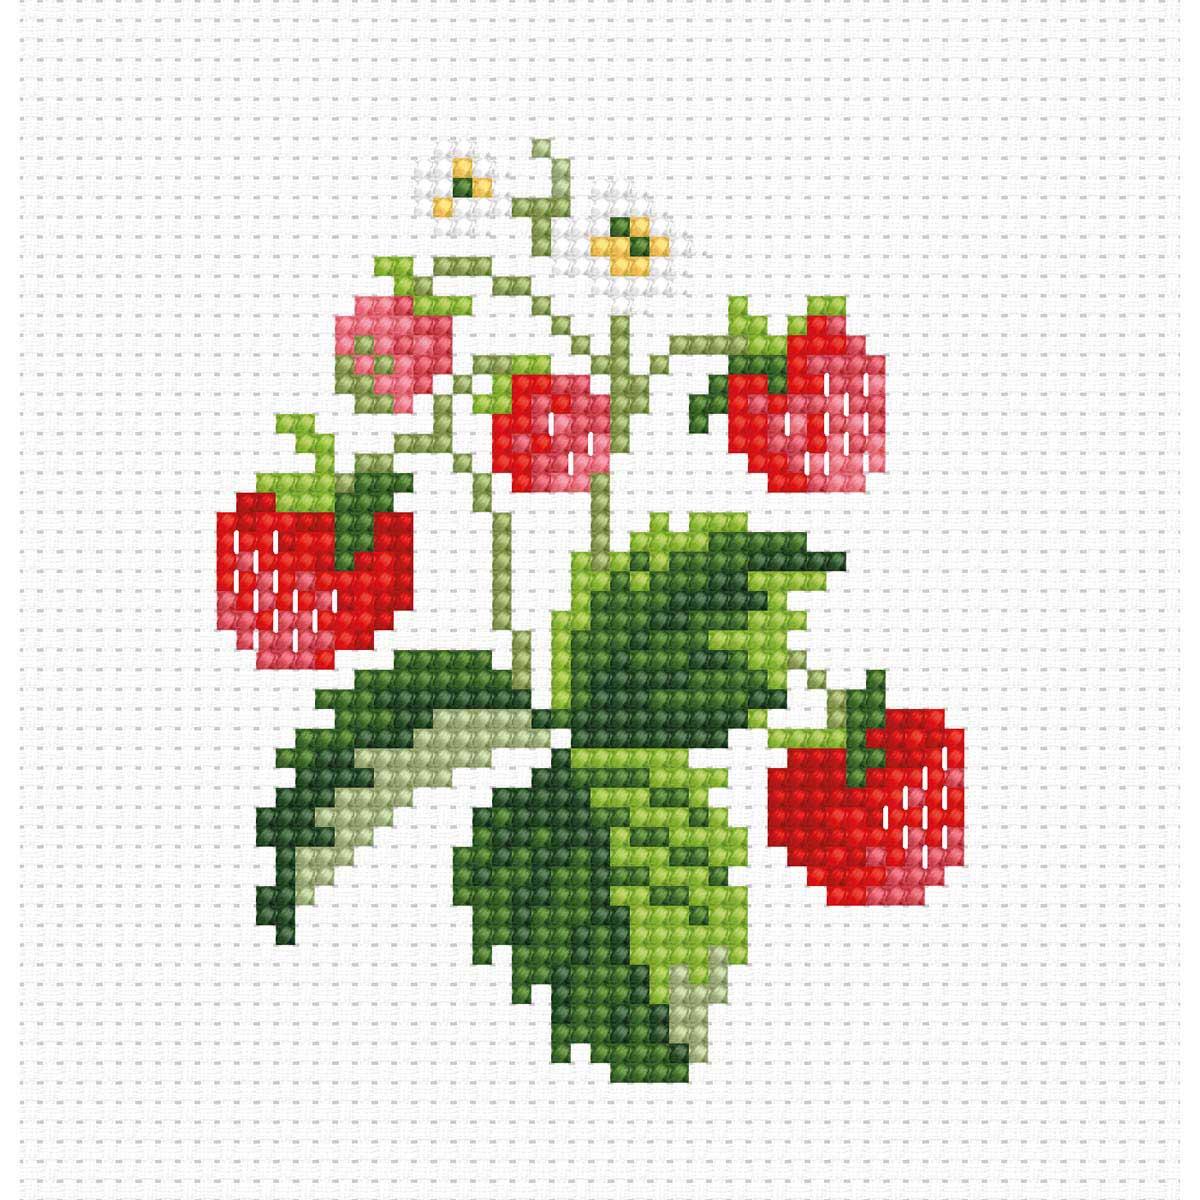 B015 Набор для вышивания 'Моя первая вышивка. Земляника' 7*9см, Luca-S